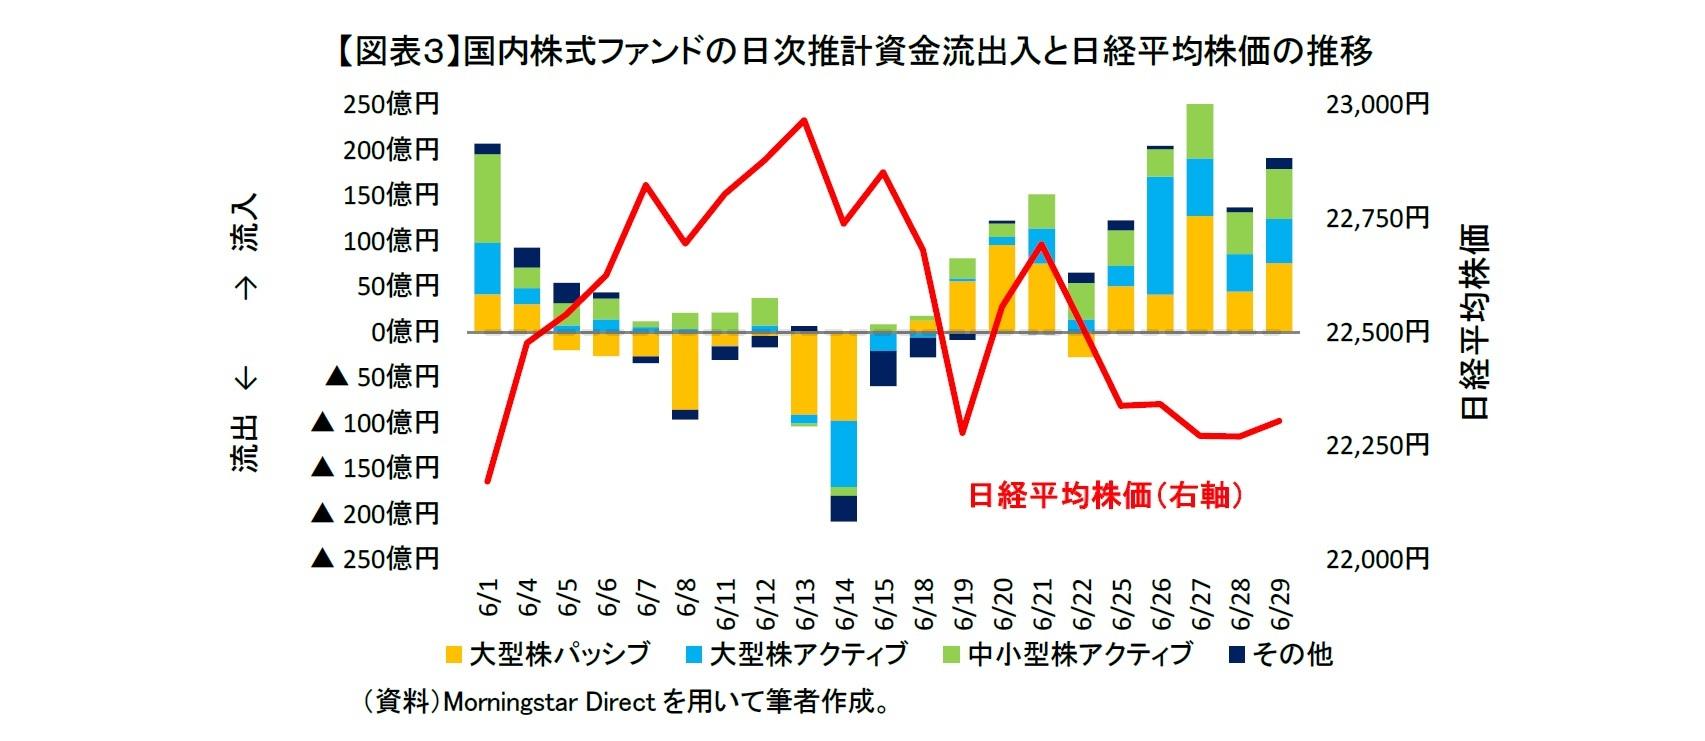 【図表3】国内株式ファンドの日次推計資金流出入と日経平均株価の推移